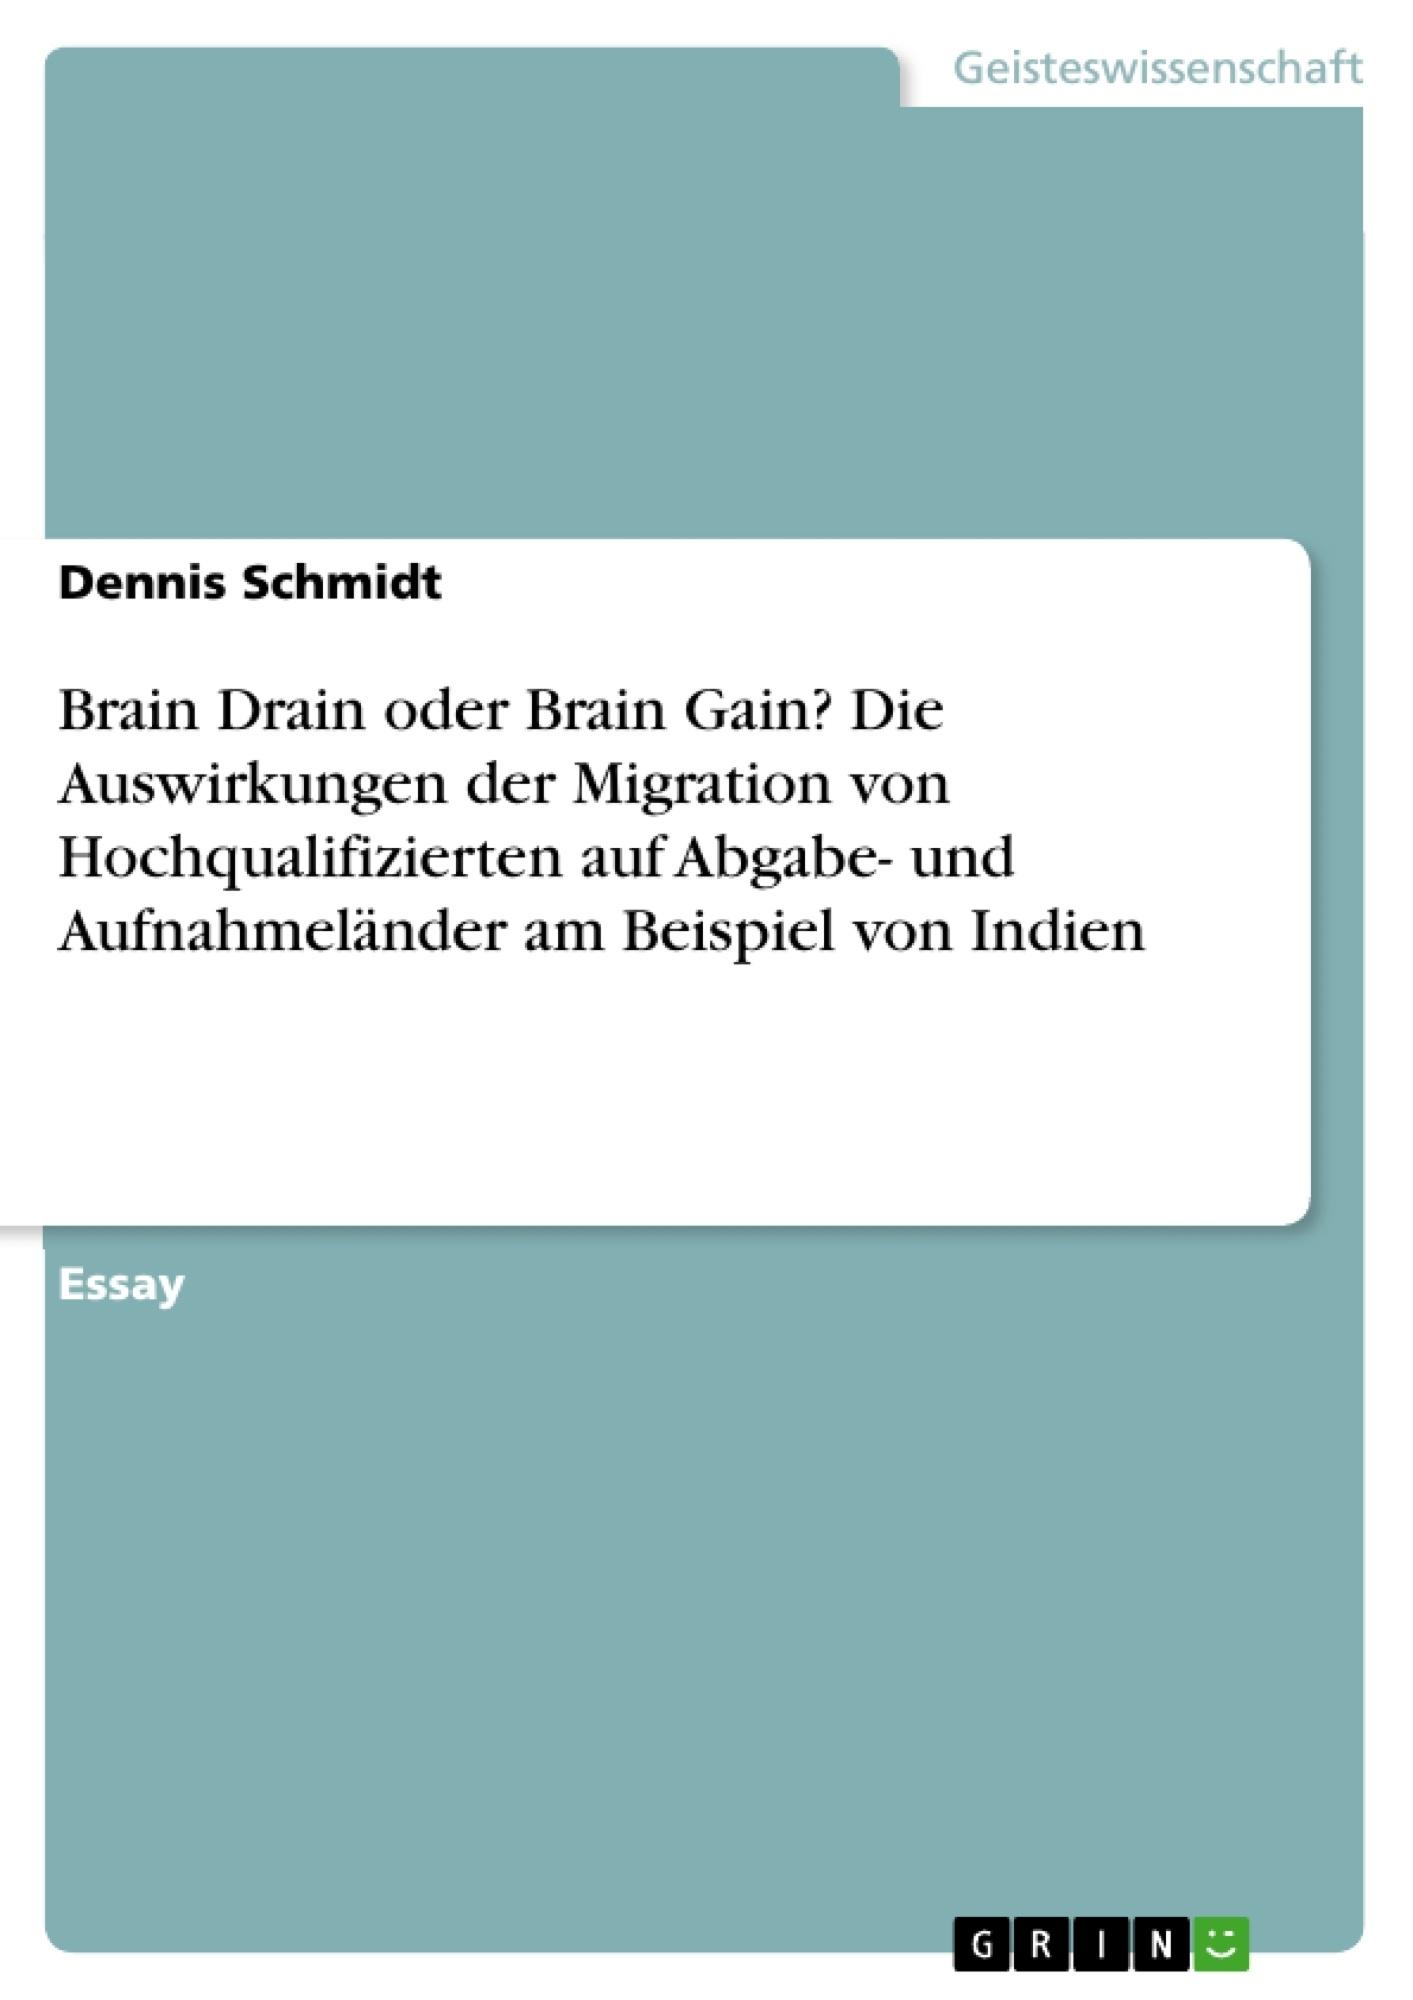 Titel: Brain Drain oder Brain Gain? Die Auswirkungen der Migration von Hochqualifizierten auf Abgabe- und Aufnahmeländer am Beispiel von Indien